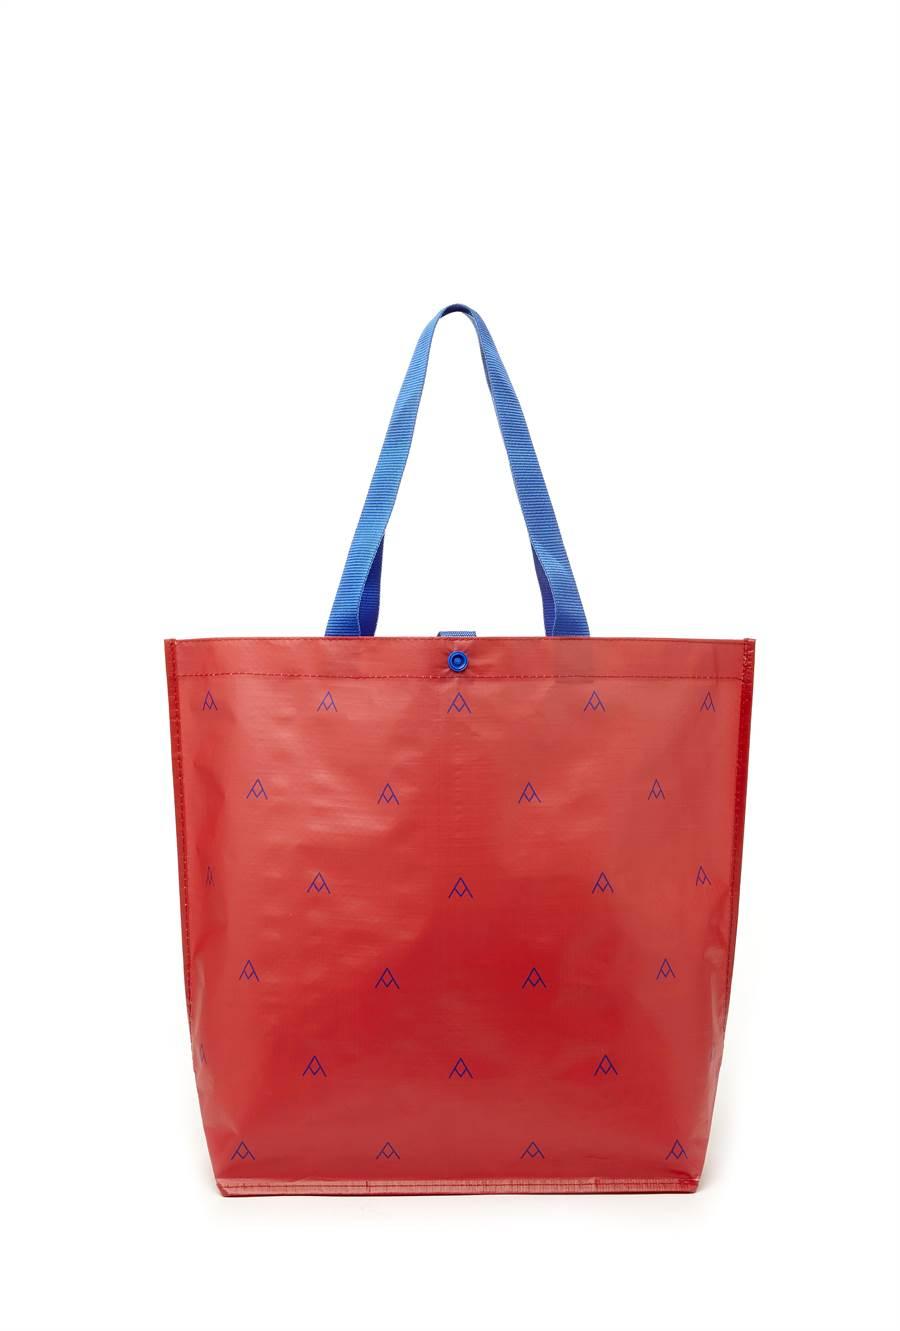 全聯大容量環保購物袋有紅、藍2色,直購價79元,扣50點會員點數加49元可換購,可折疊收納、防水不易破。(全聯提供)